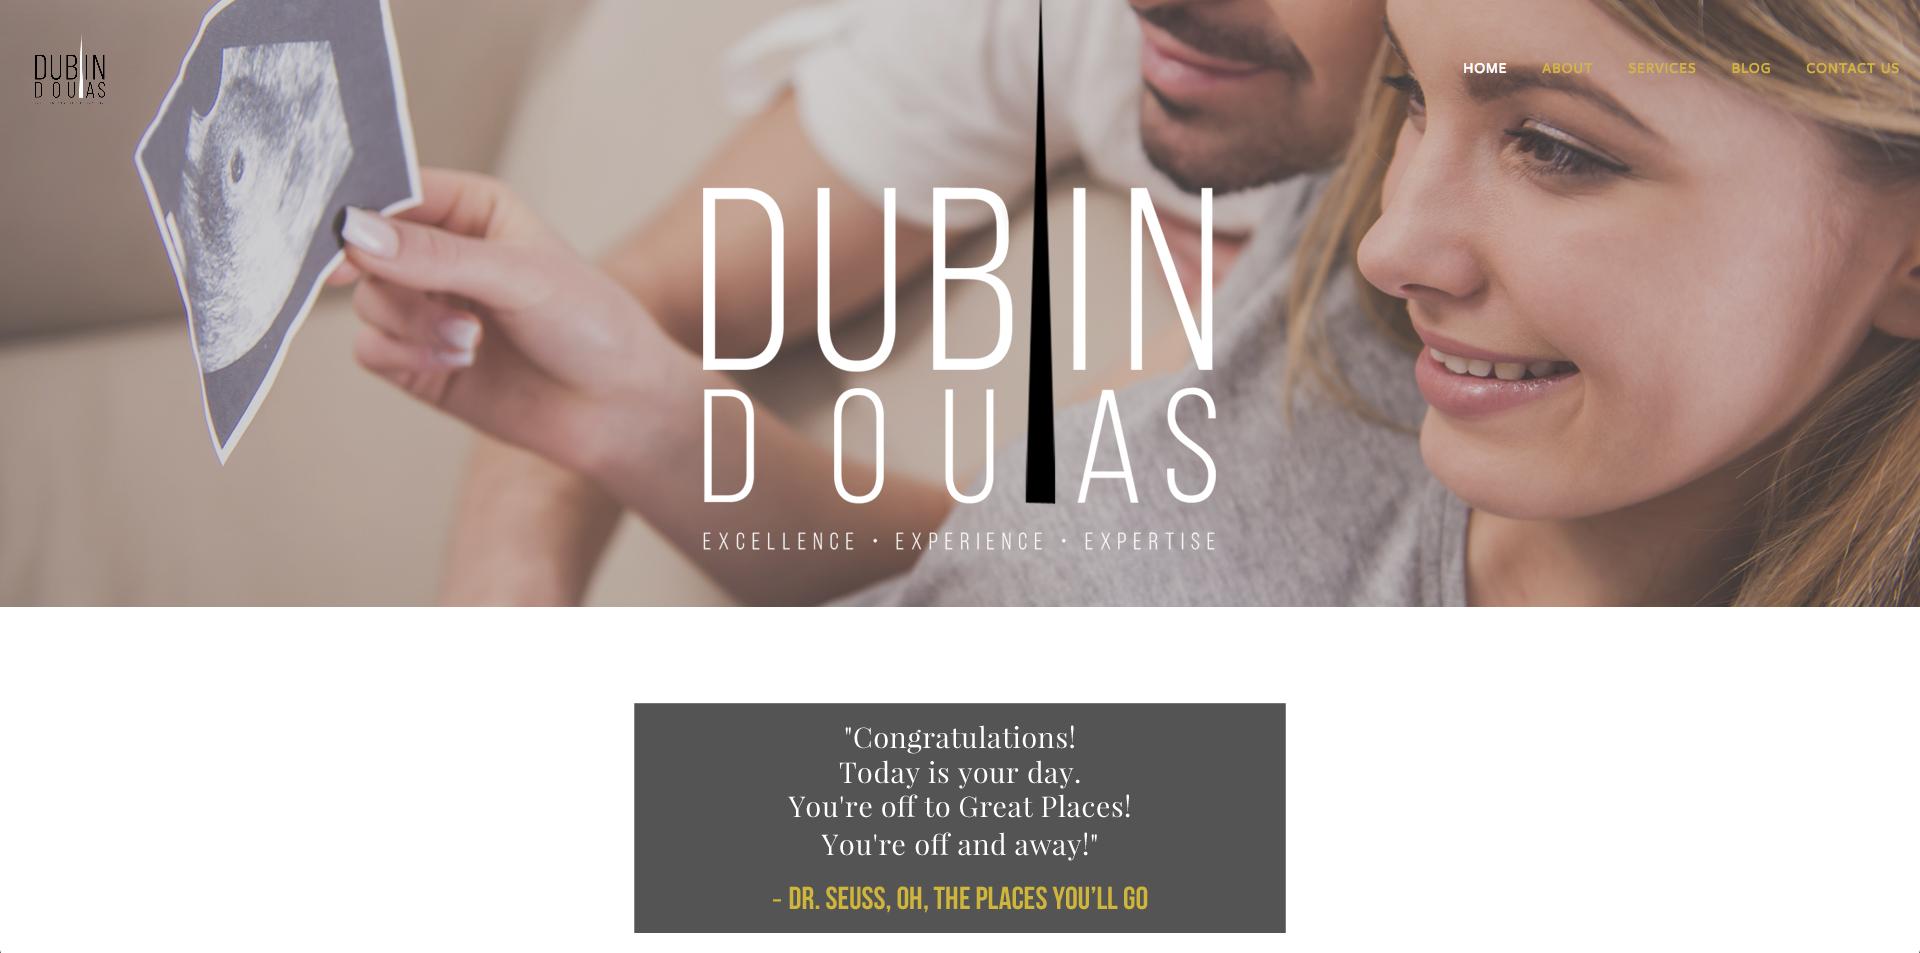 TheDublinDoulas.Com